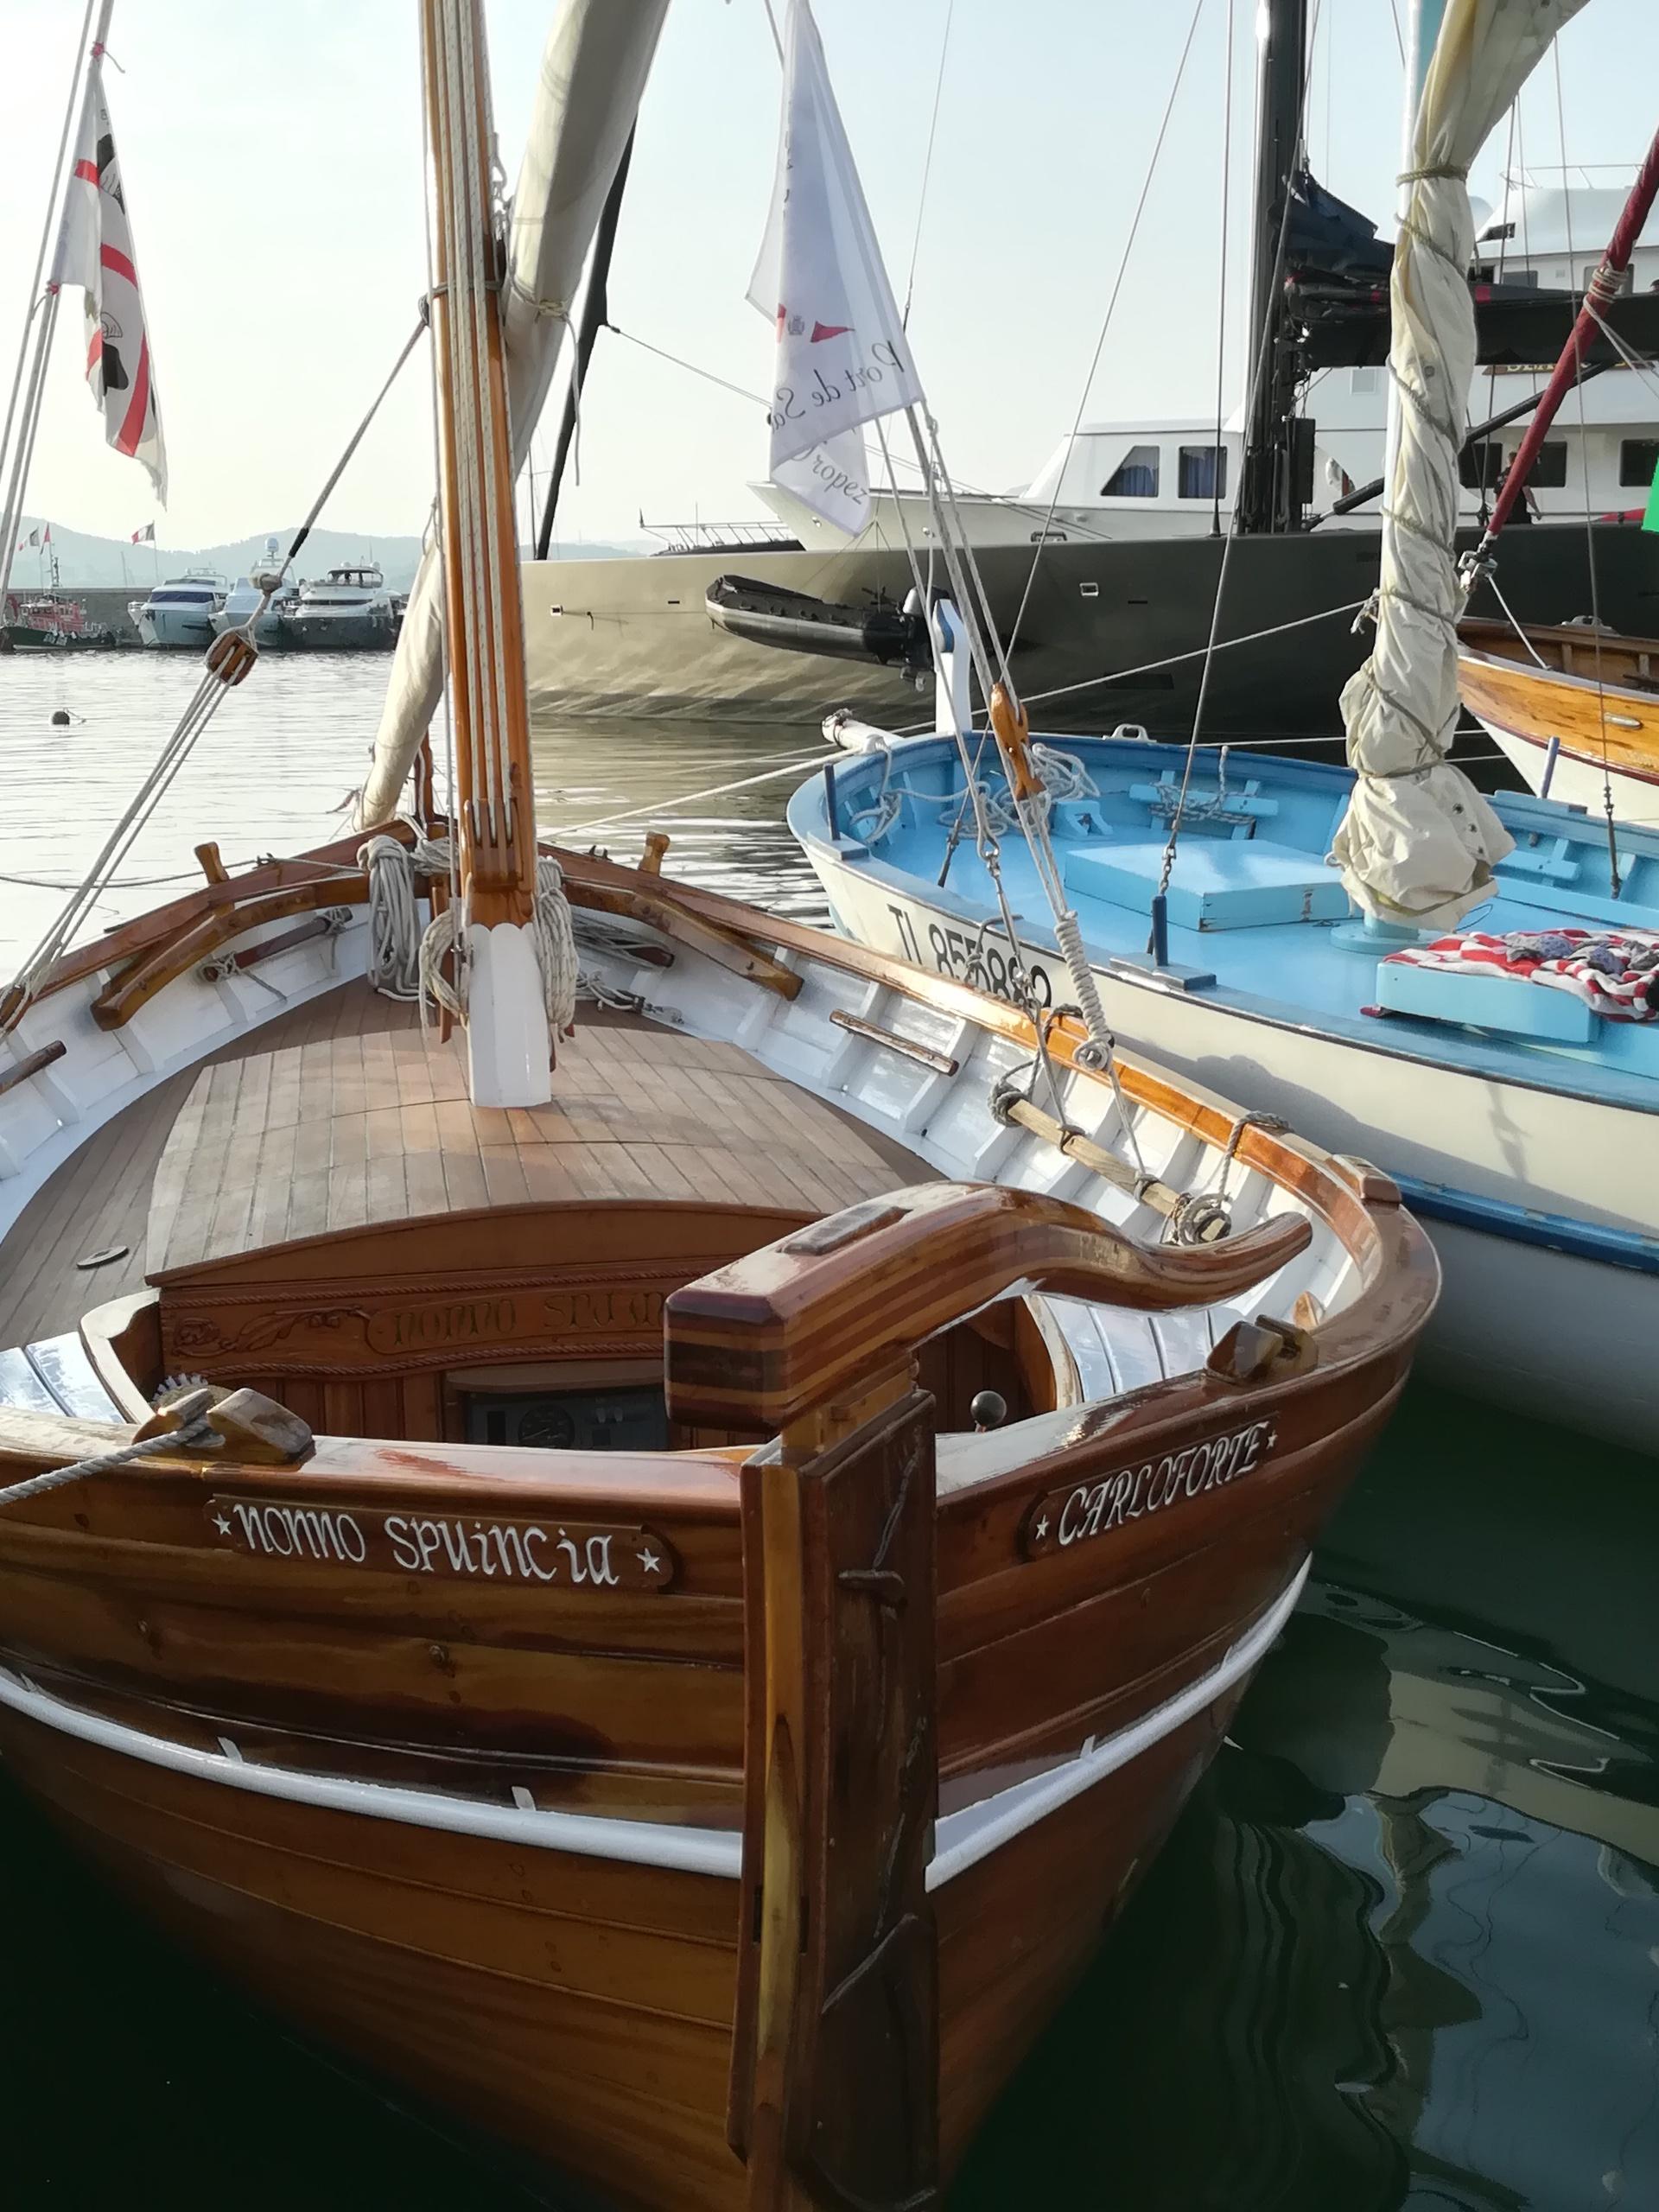 antonio-sanna-shipwrights-carloforte-carbonia-iglesias-thumbnail